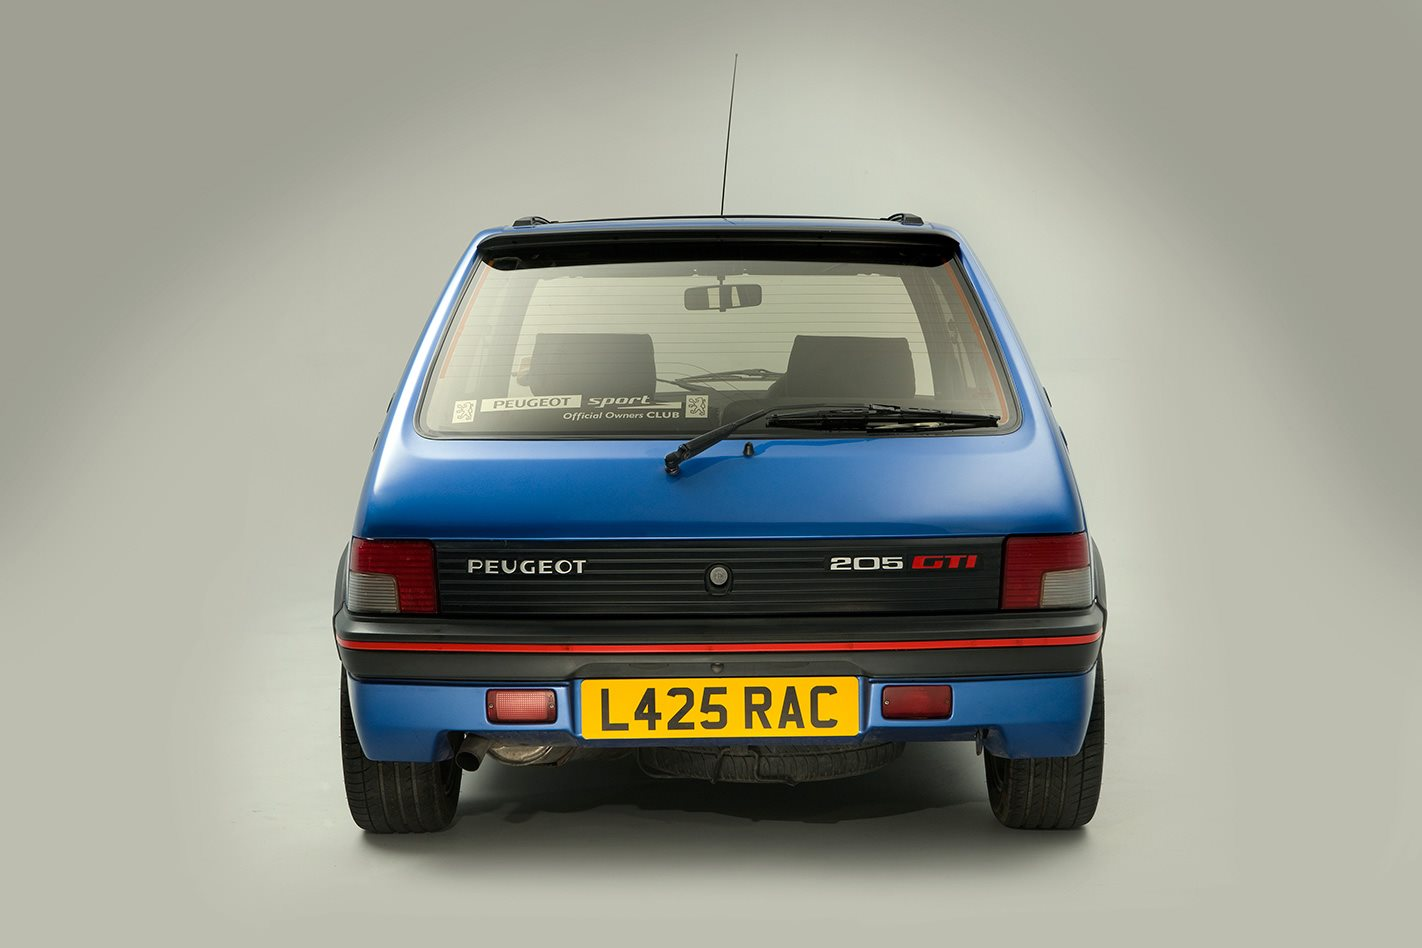 1987-Peugeot-205-GTi-rear